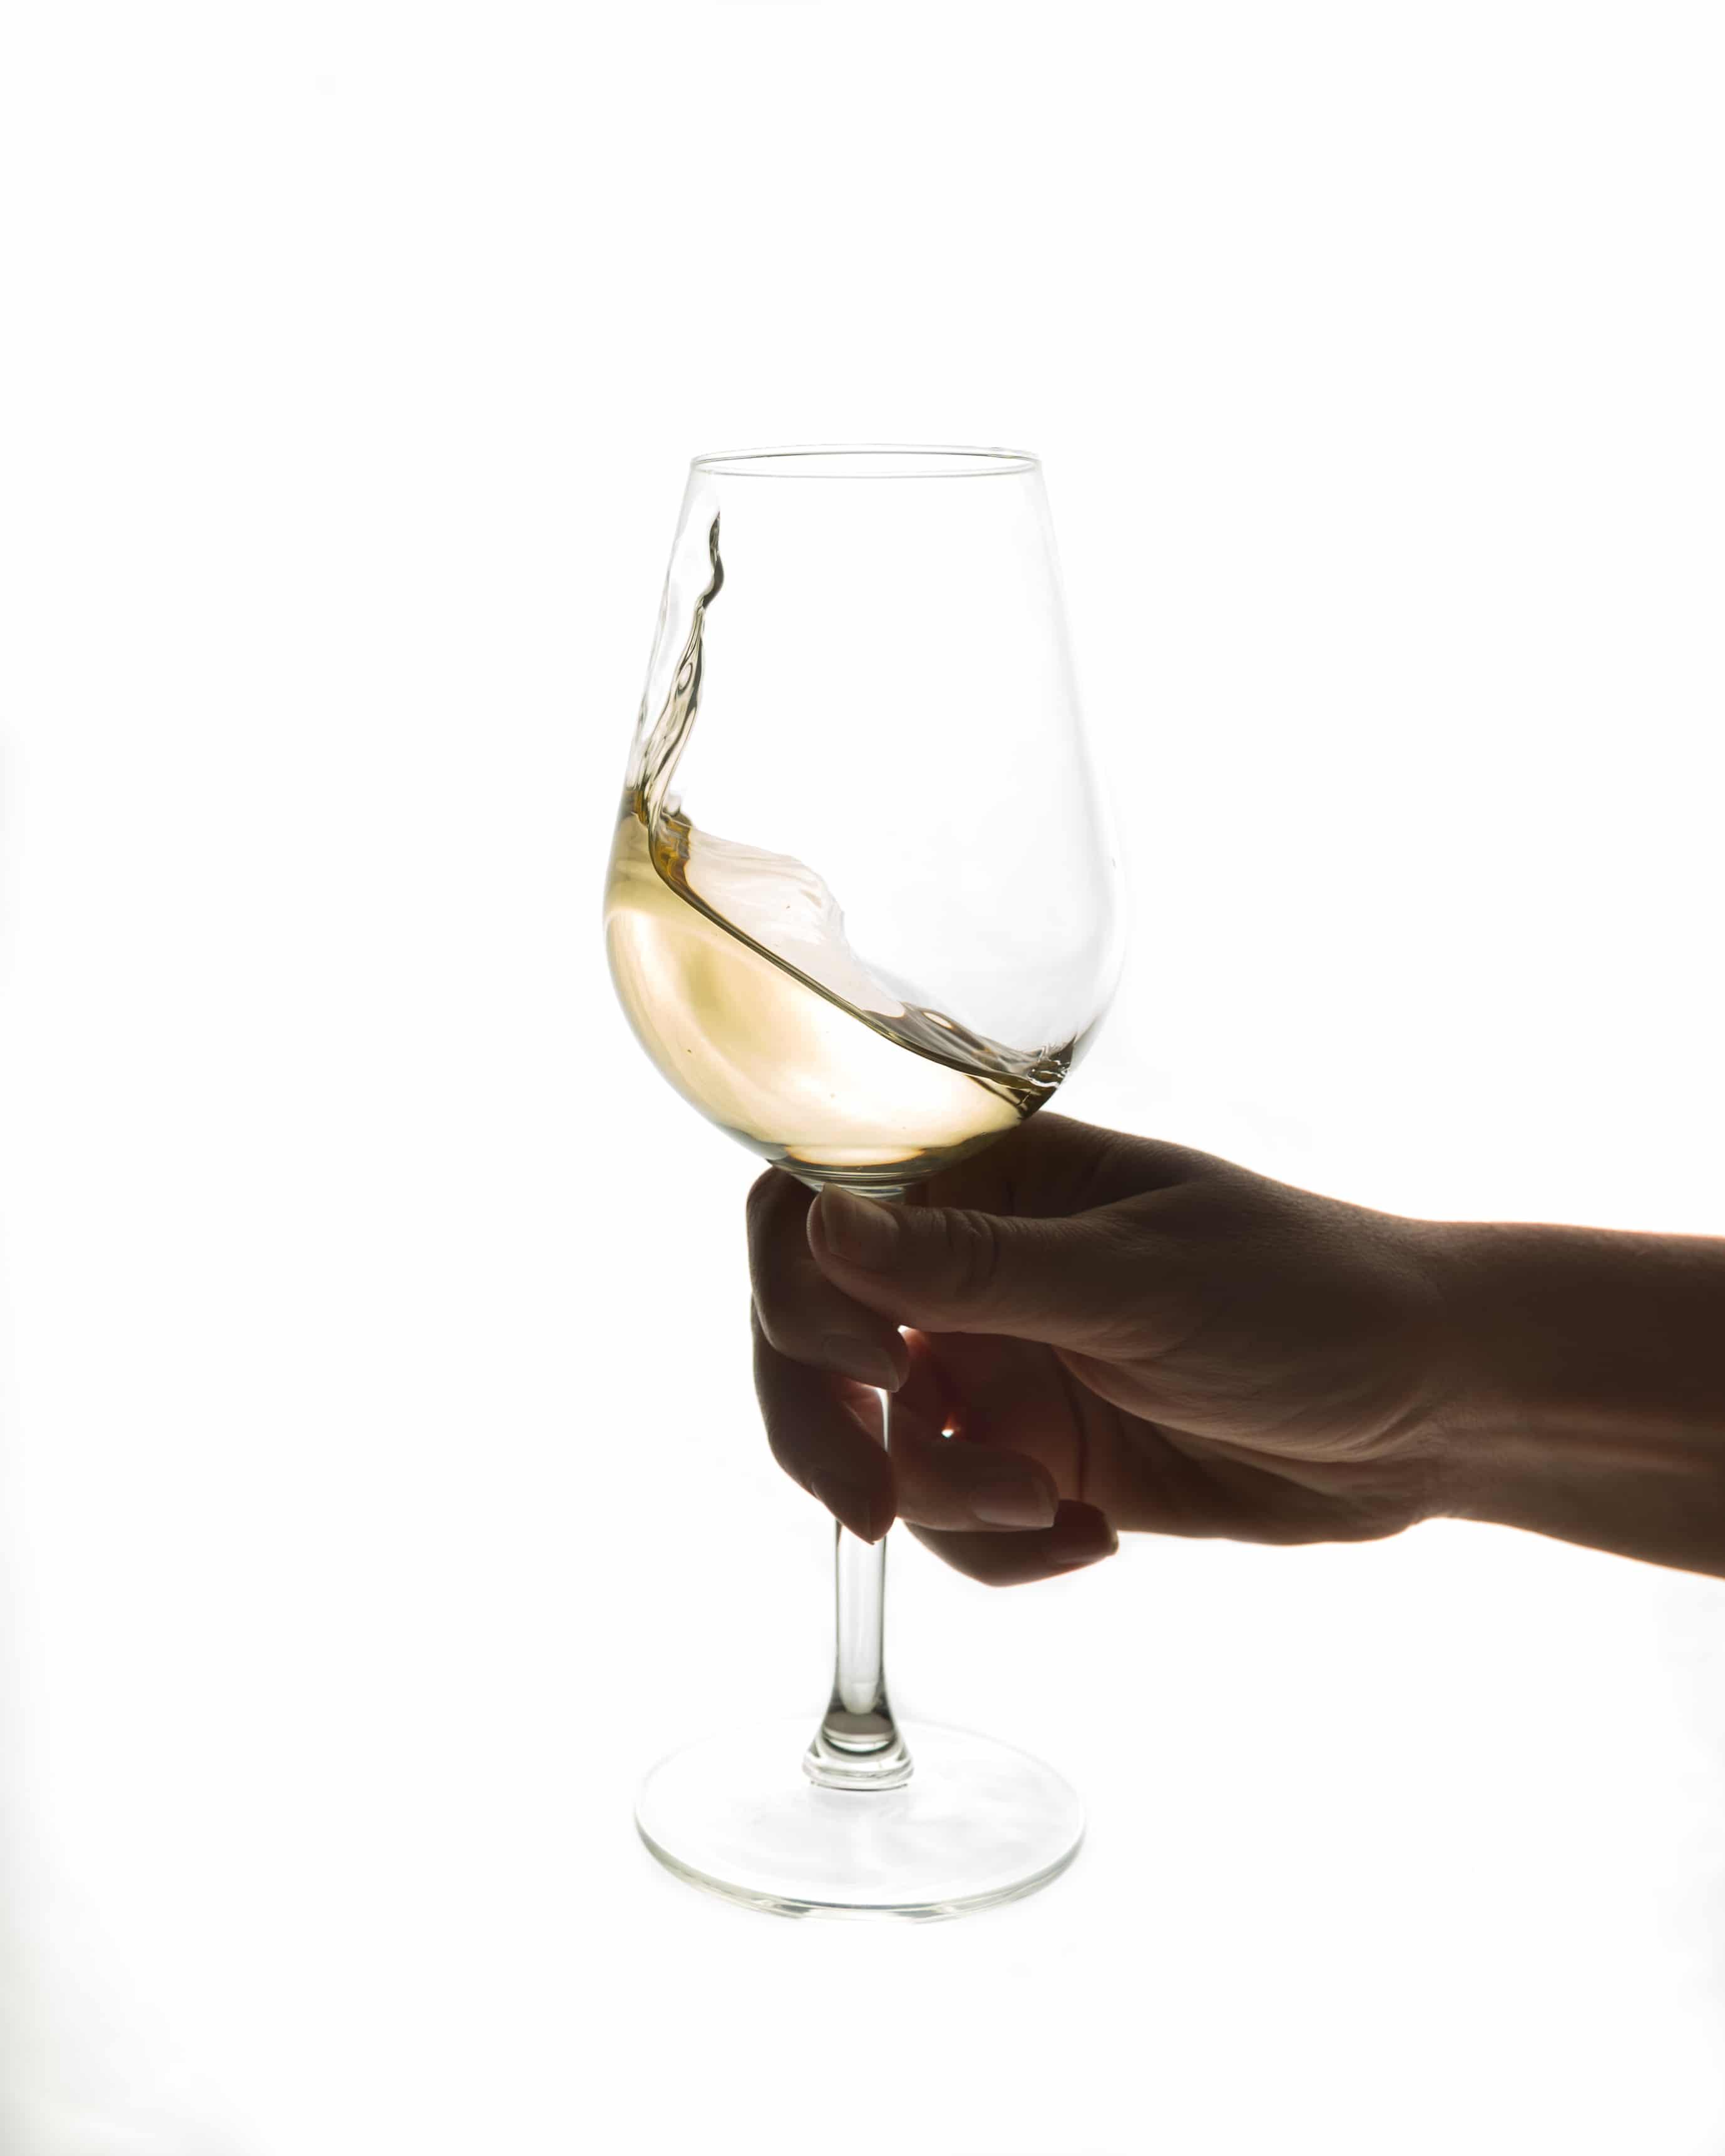 Je vous présente mes vins blancs préférés. Quels sont les vôtres?